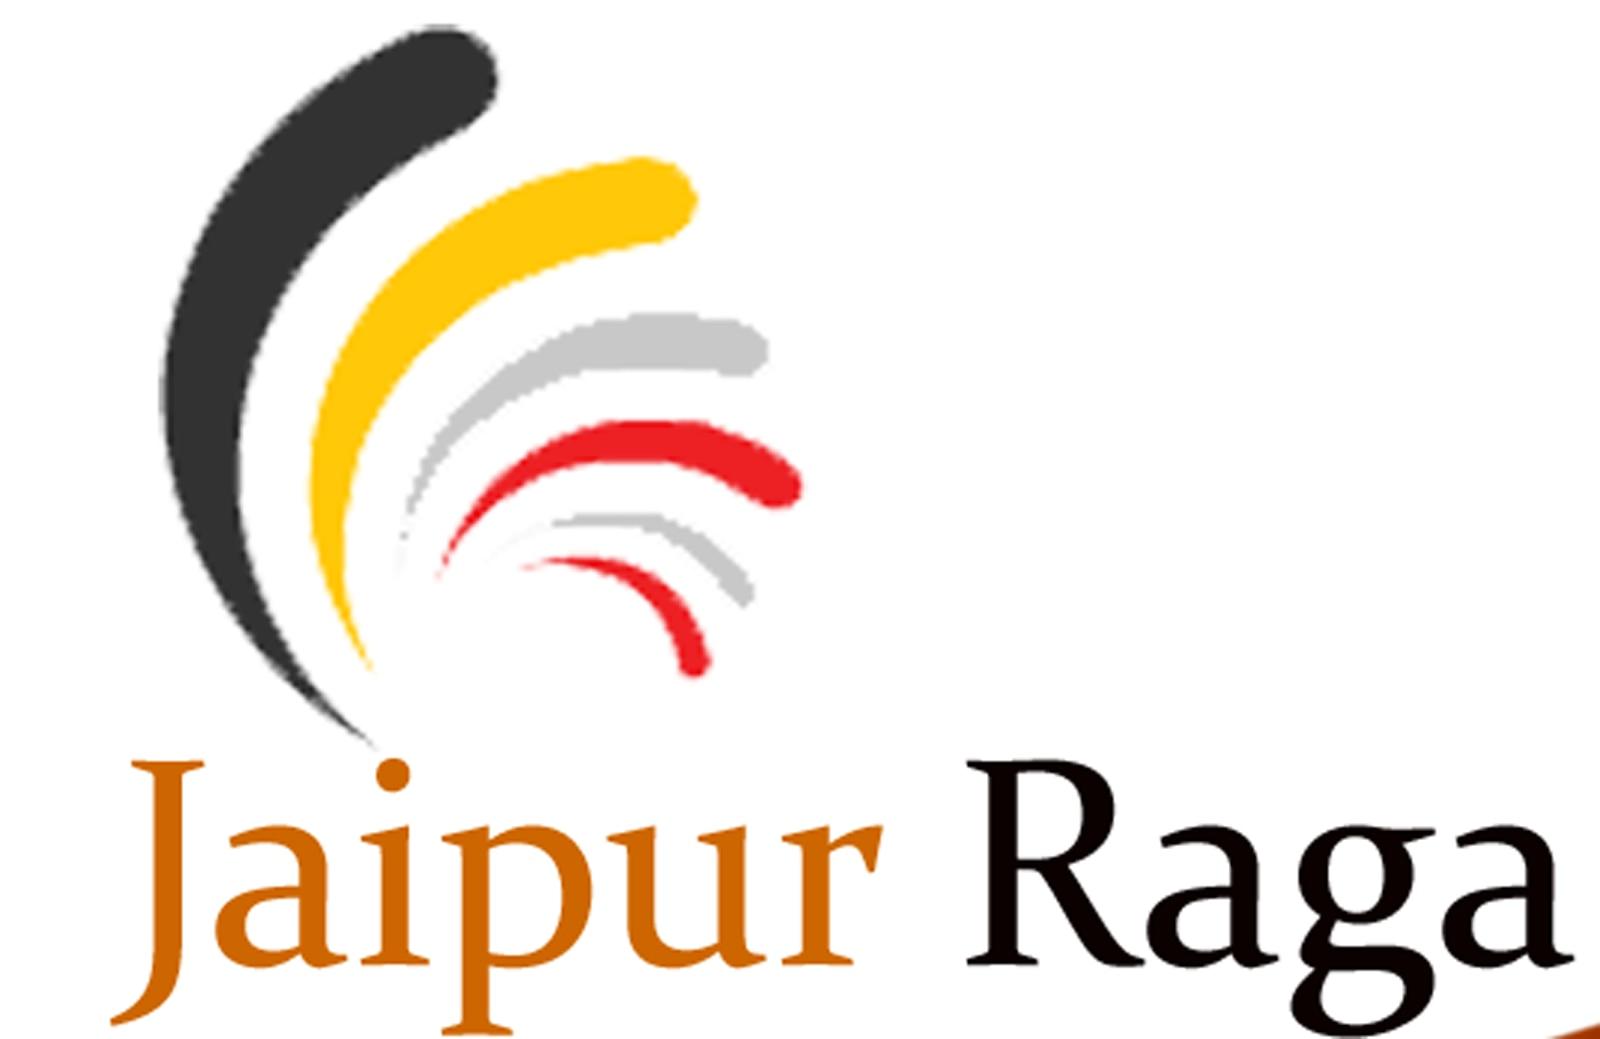 Jaipur Raga